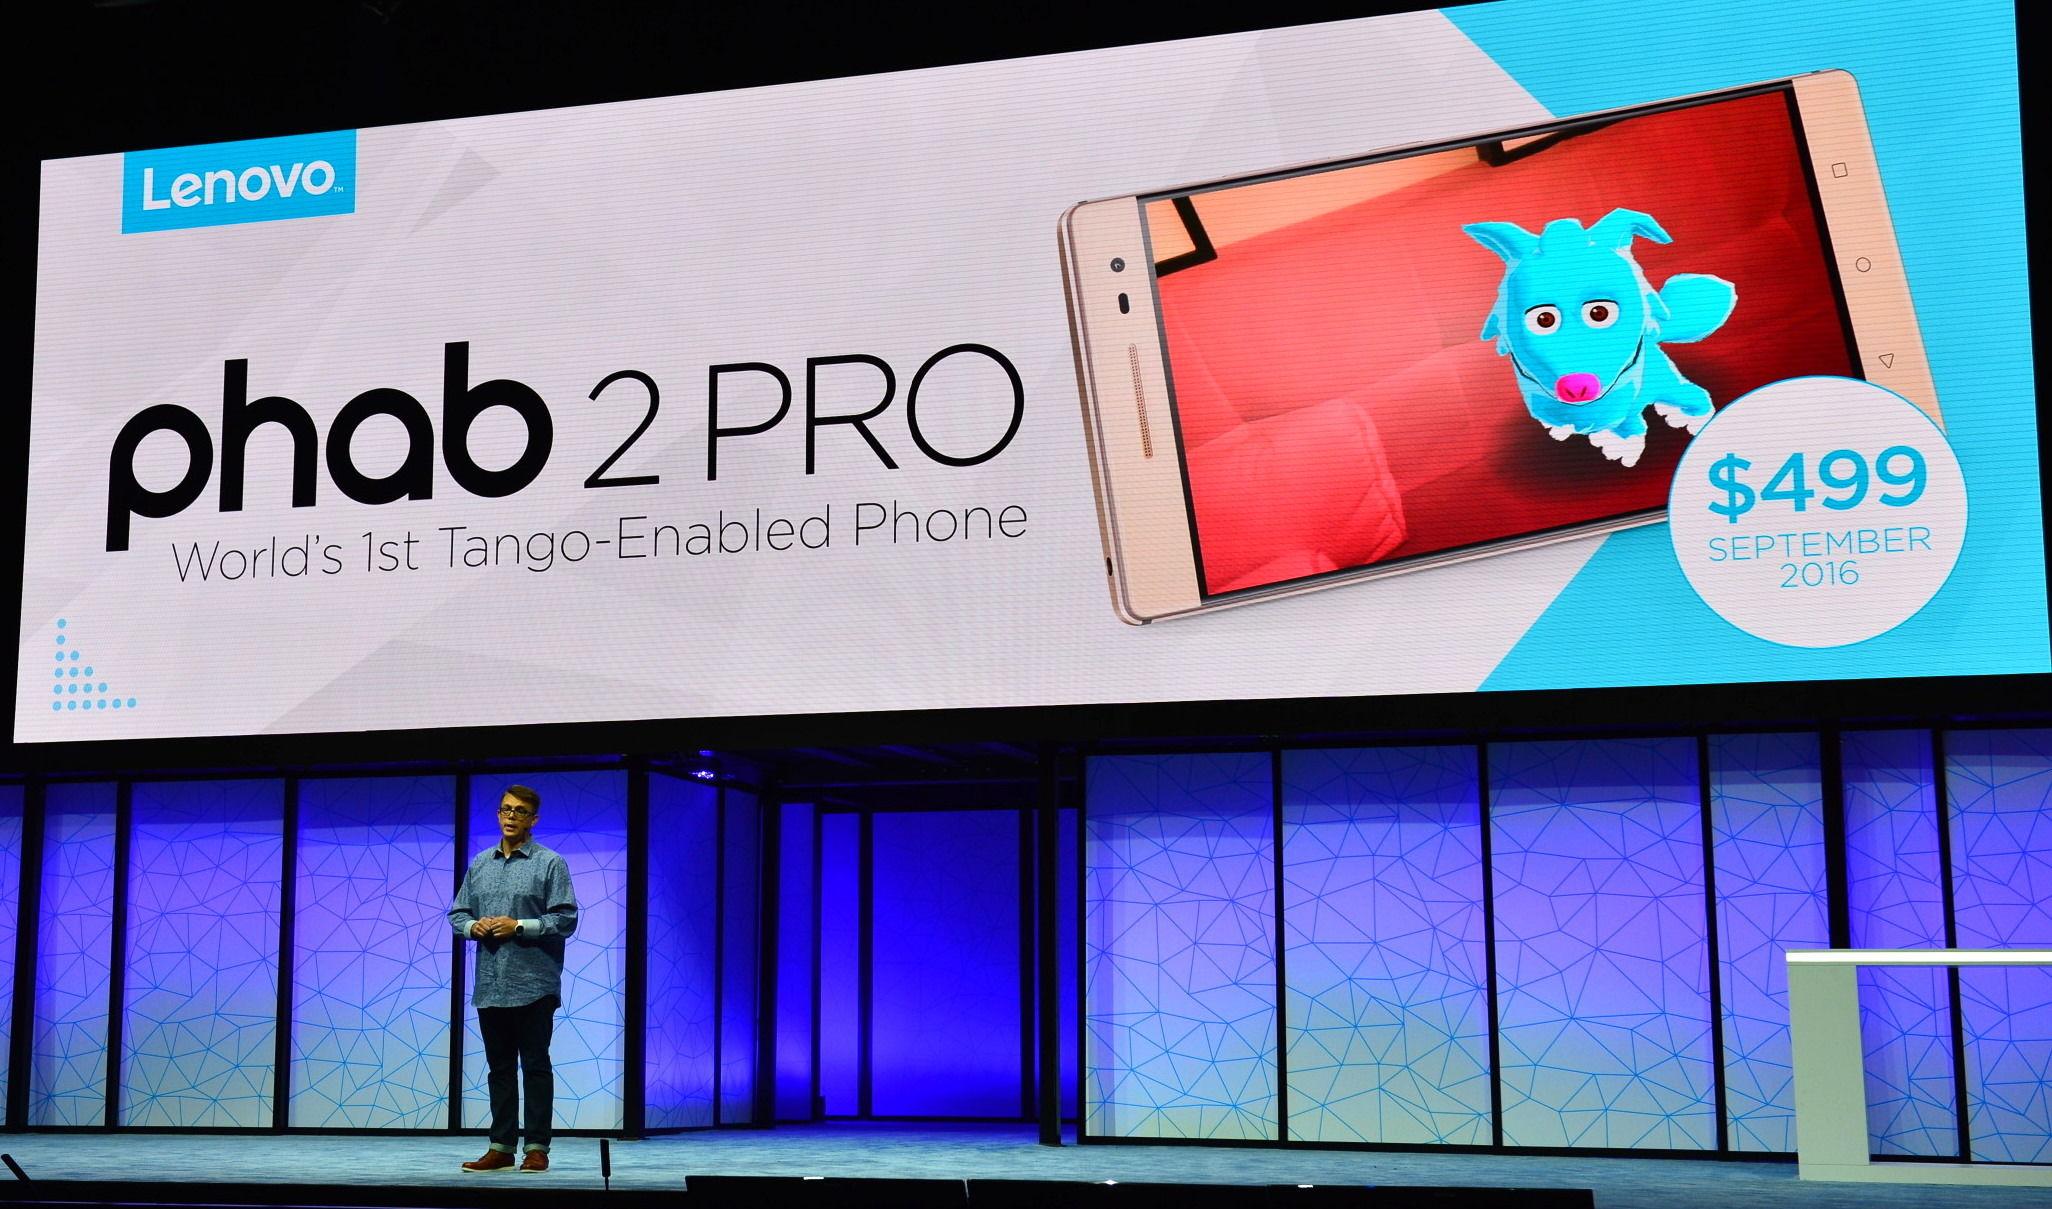 借助联想的新款手机,谷歌 Project Tango 终于顺利「毕业」了